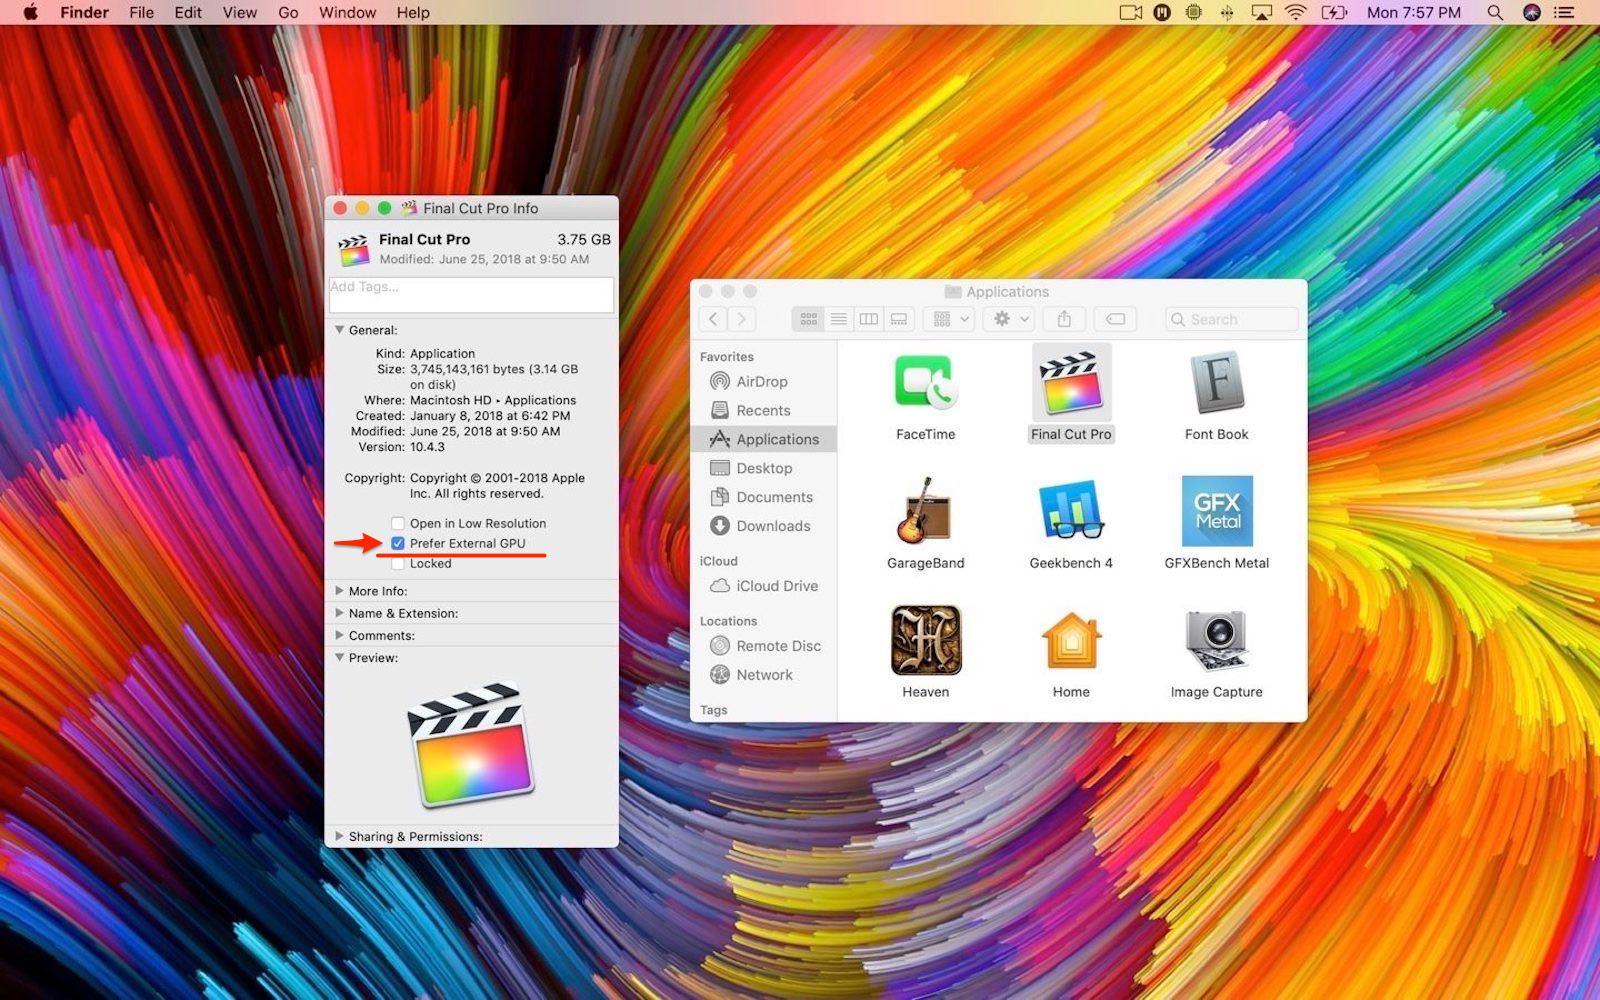 Prefer External GPU macOS Mojave 2